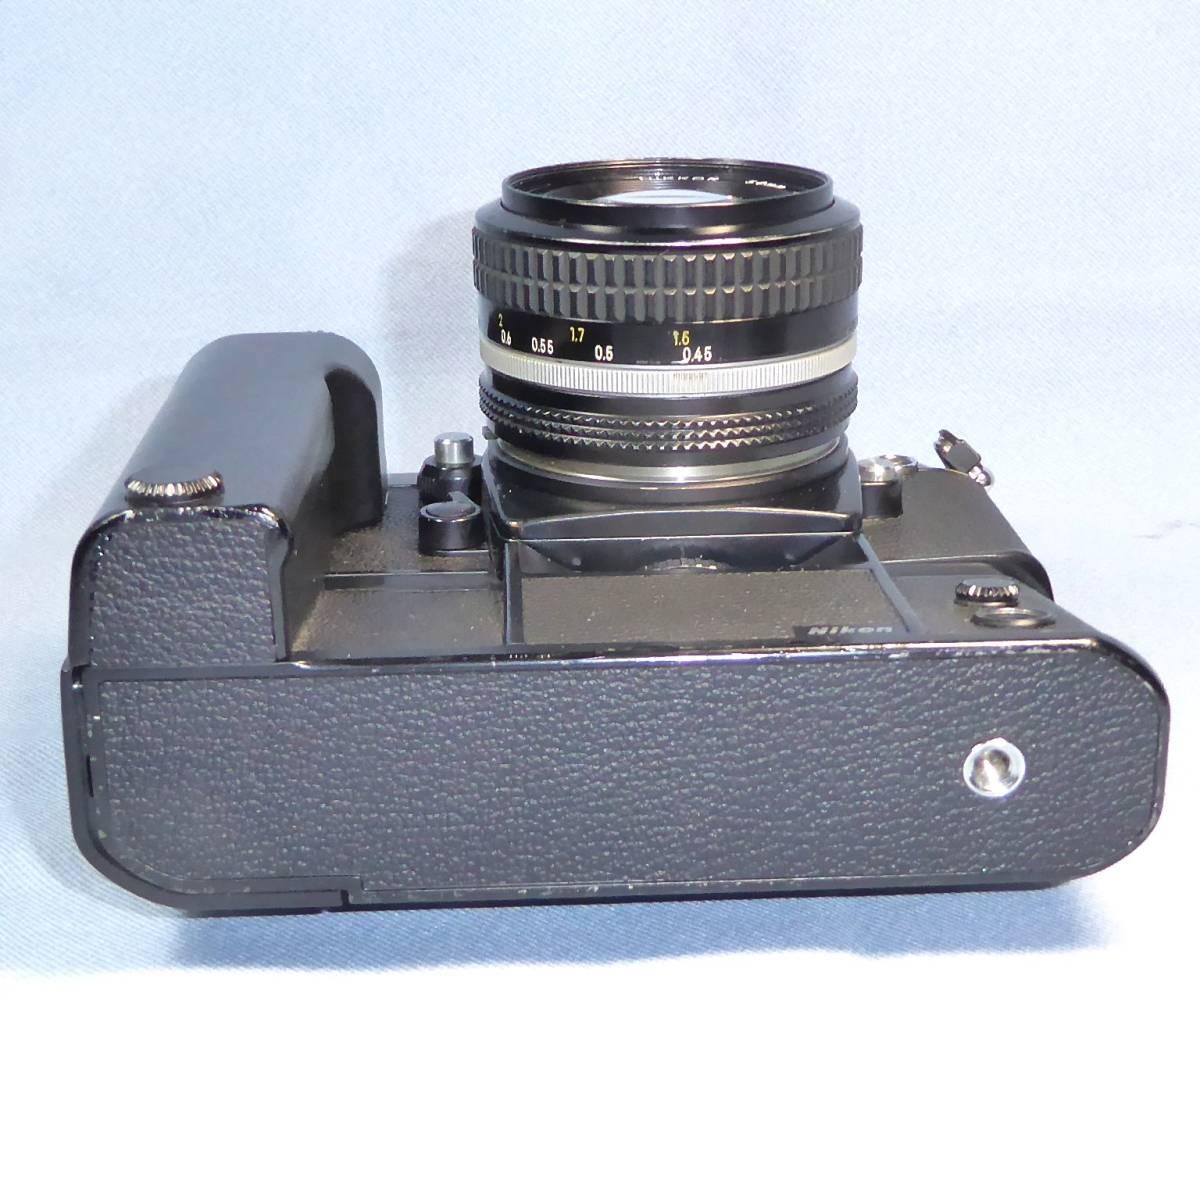 ★  綺麗  諸動作快調  ★   NIKON    F 3  HP   +   MD - 4   +   NIKKOR   50mm/F1.4   +  NIKON ストラップ _画像6